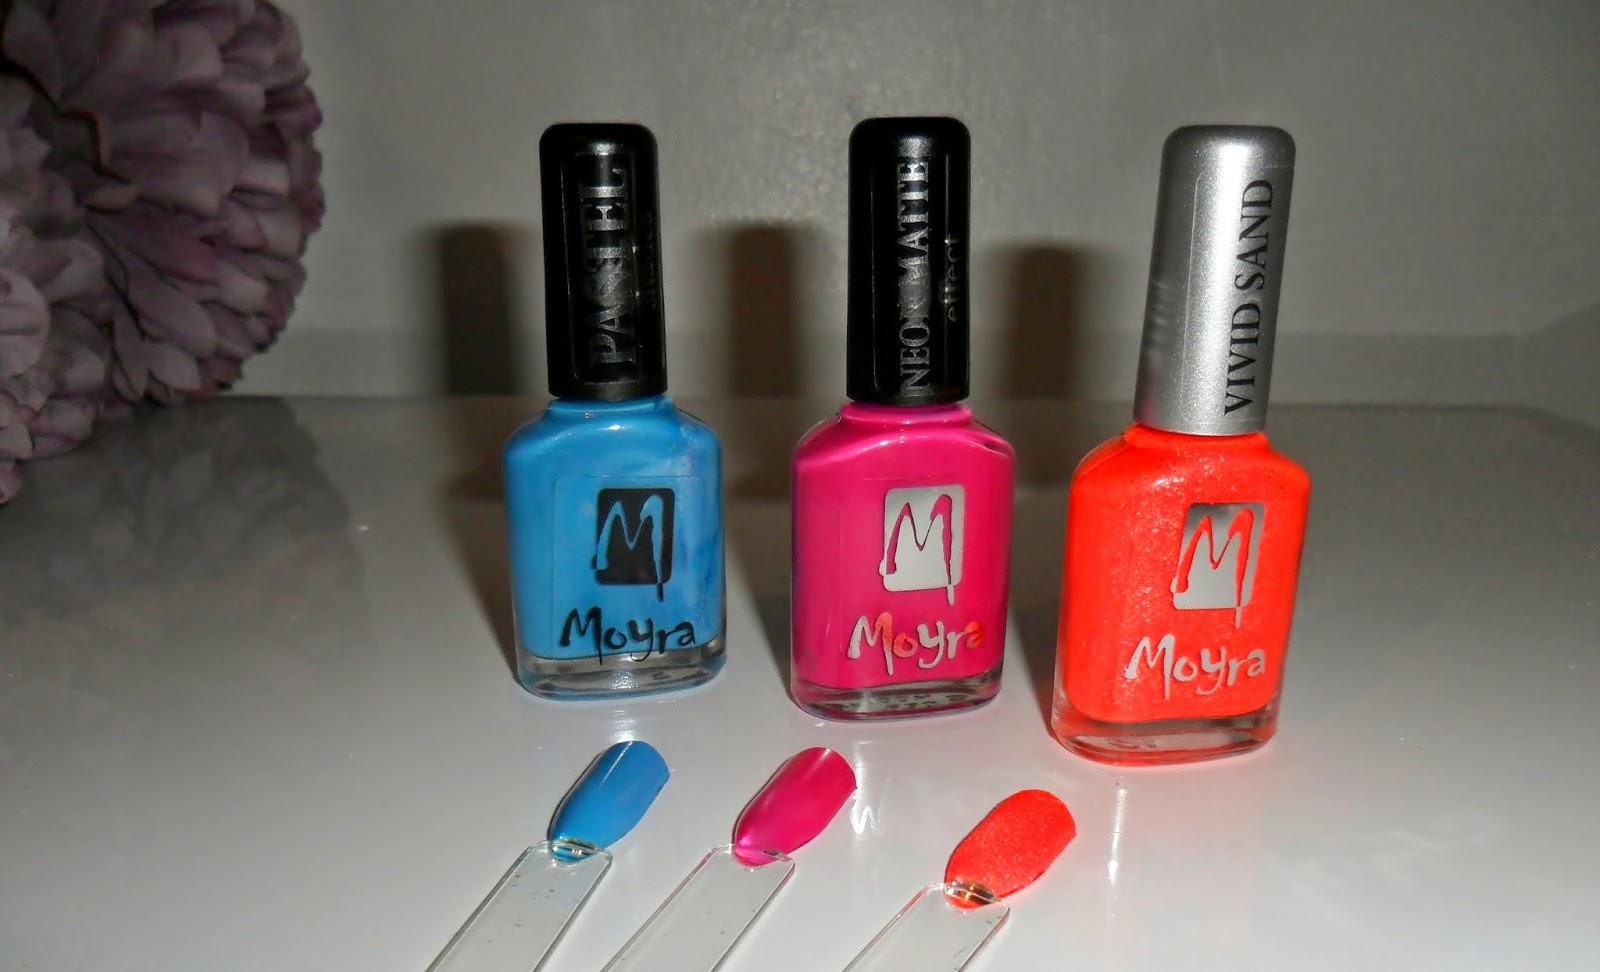 Moyra Nail Polishes, Pastel Nail Polishes, Nail Polishes, Vivid Sand, Neon Matt Nail Polish